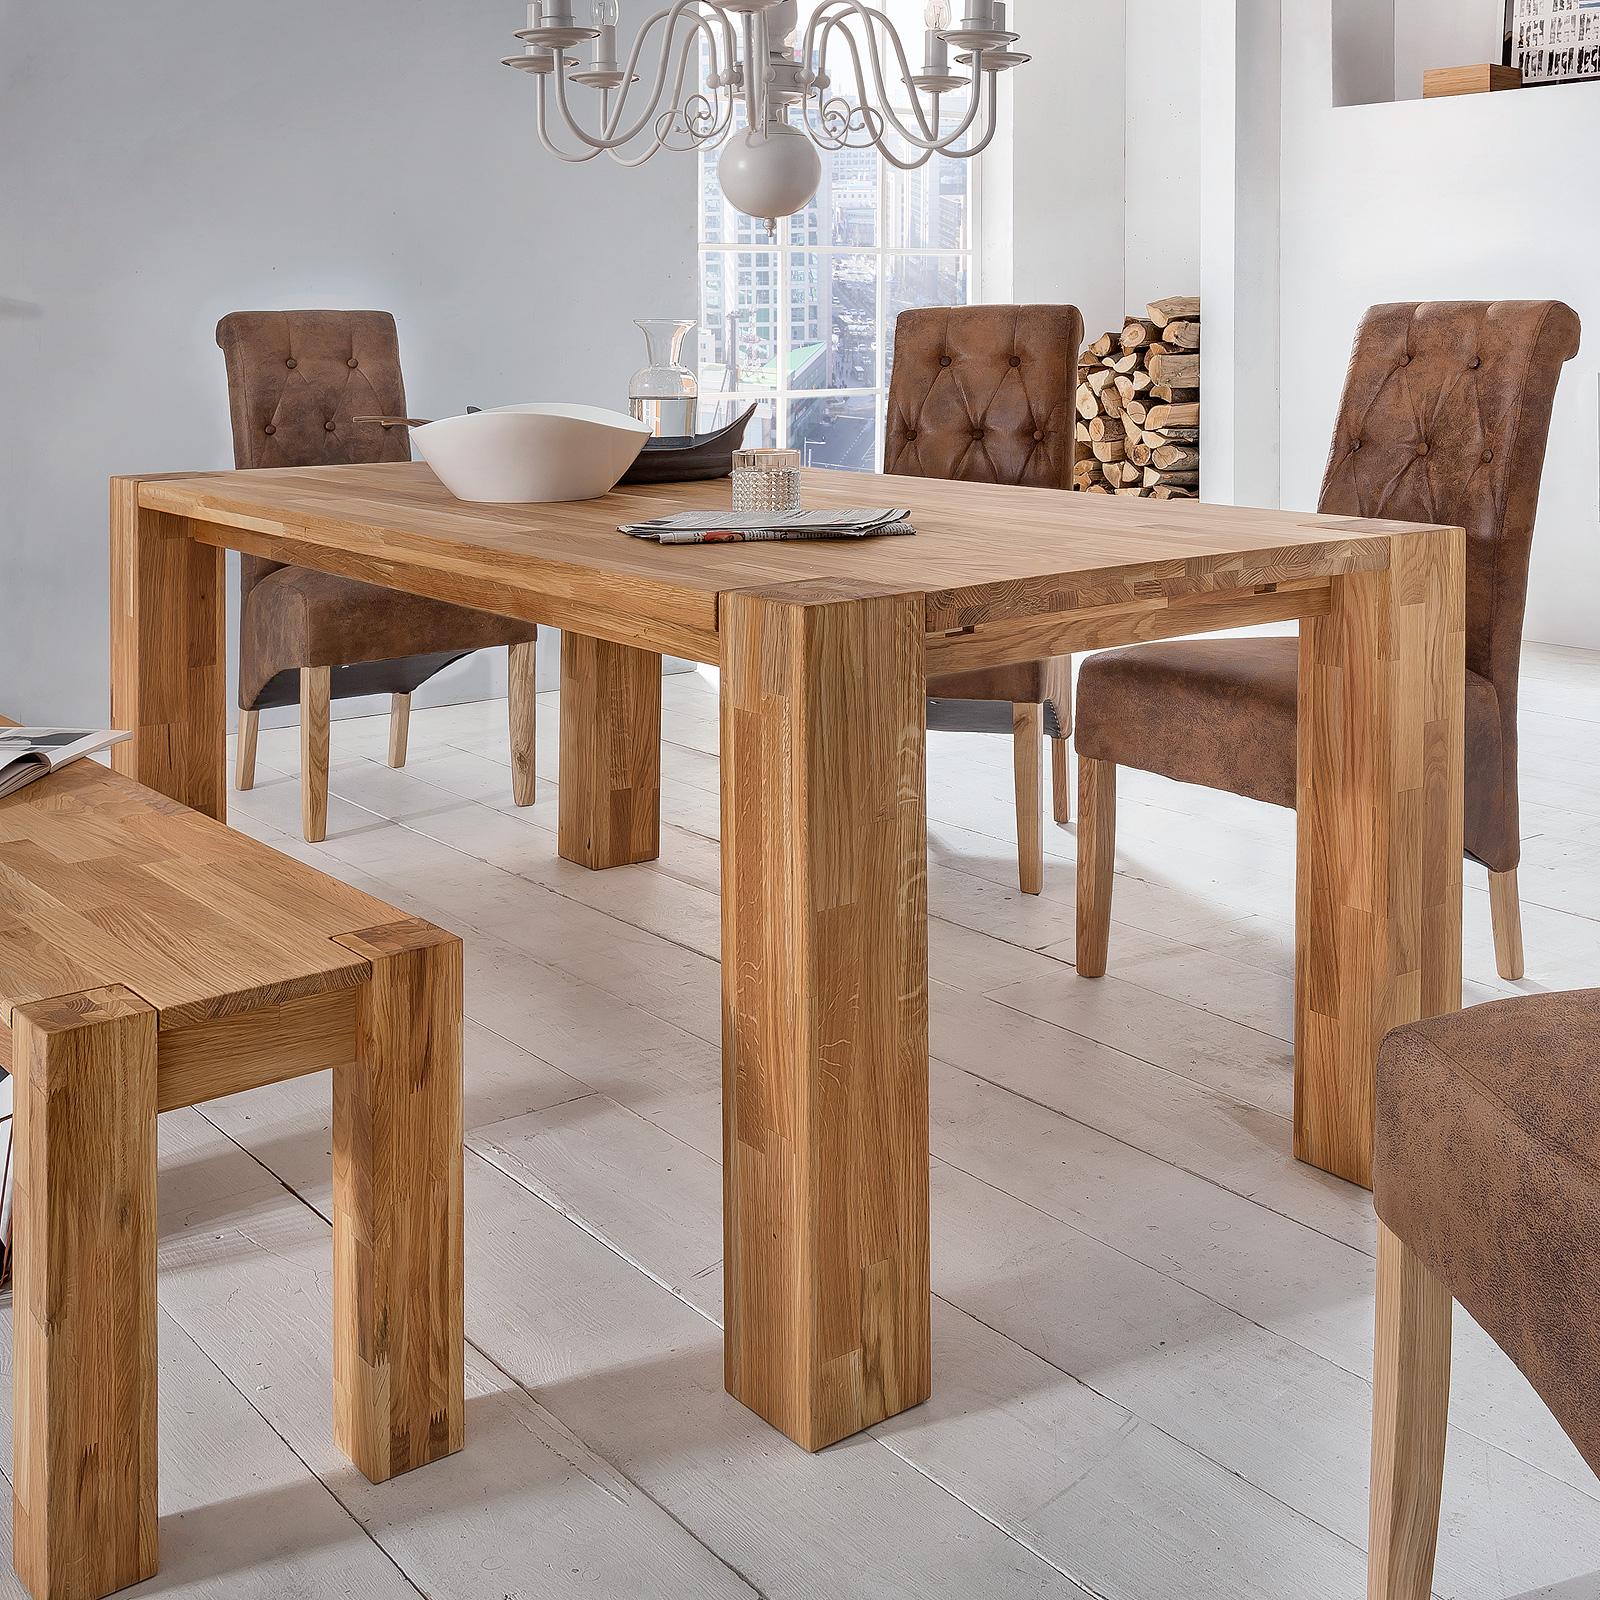 esstisch big oak esszimmertisch tisch in wildeiche massiv ge lt gr e w hlbar ebay. Black Bedroom Furniture Sets. Home Design Ideas